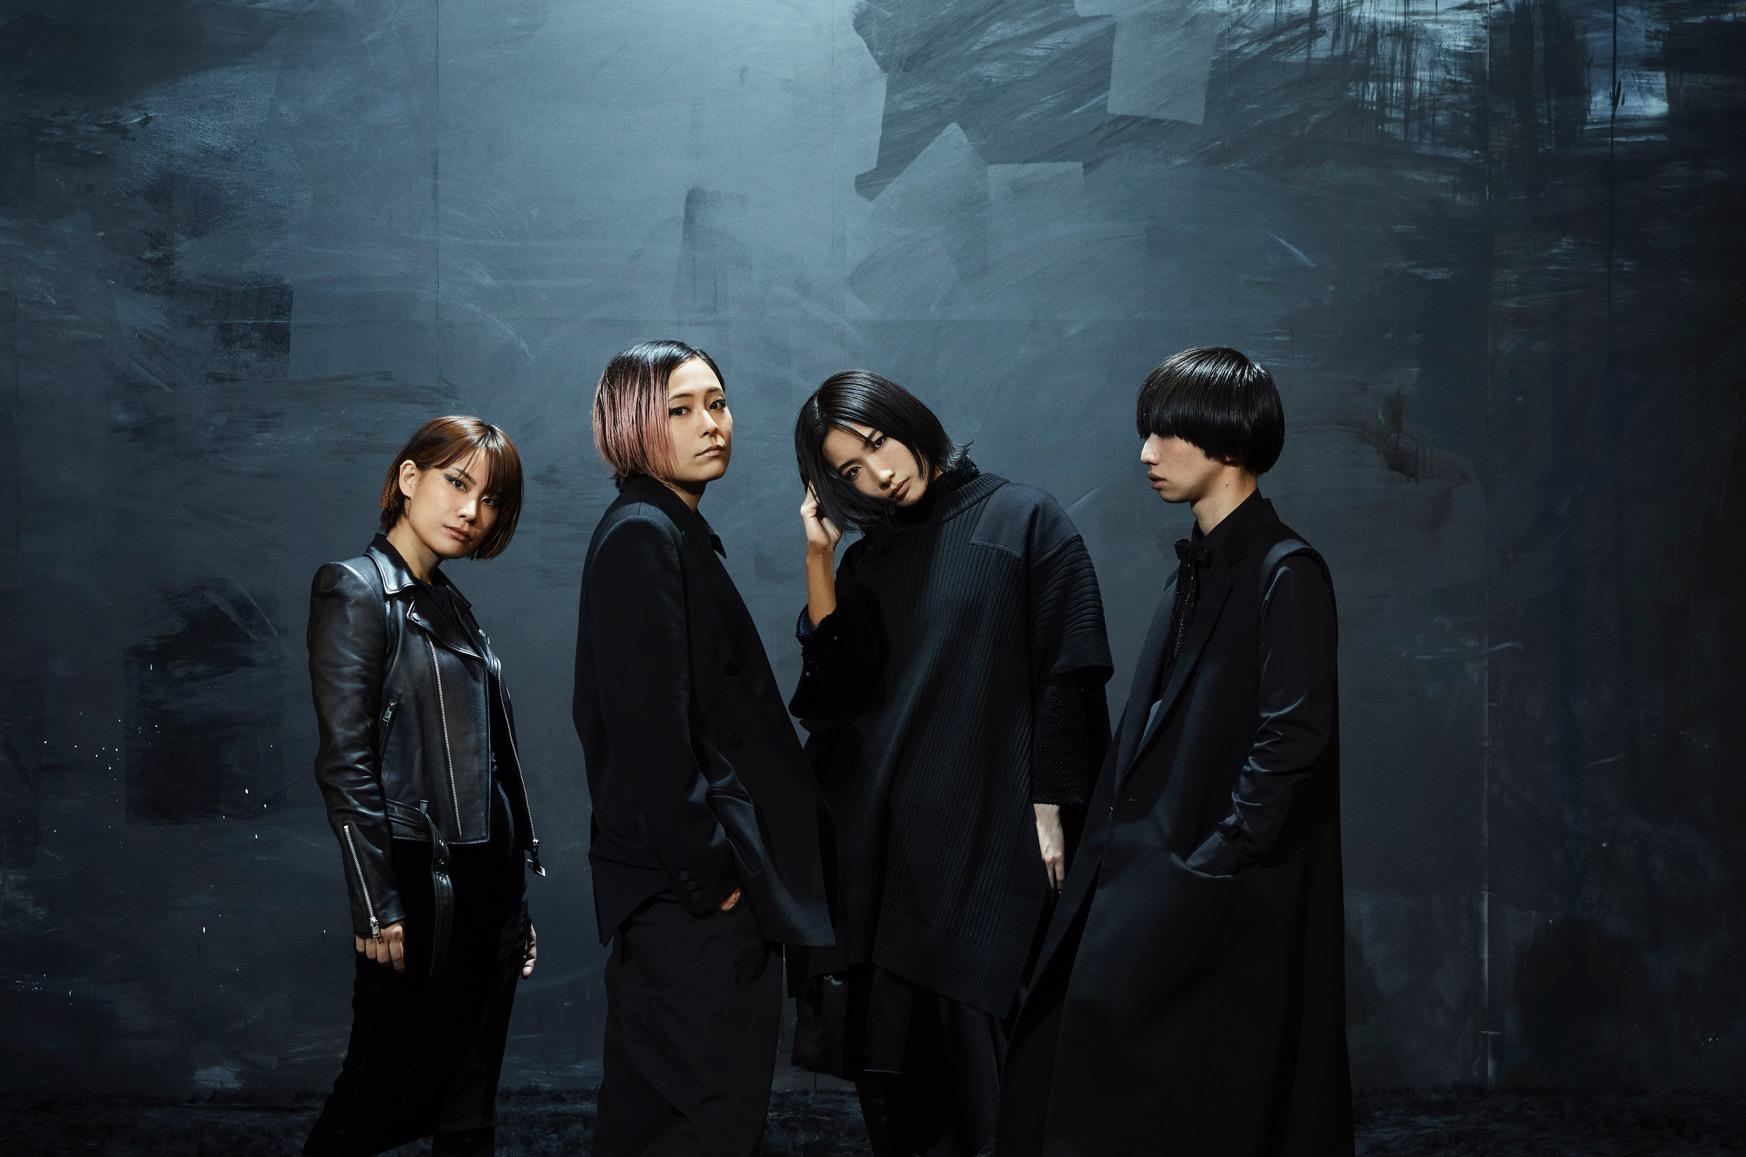 tricot、メジャー1stアルバム「真っ黒」のアートワークとアーティスト写真を公開